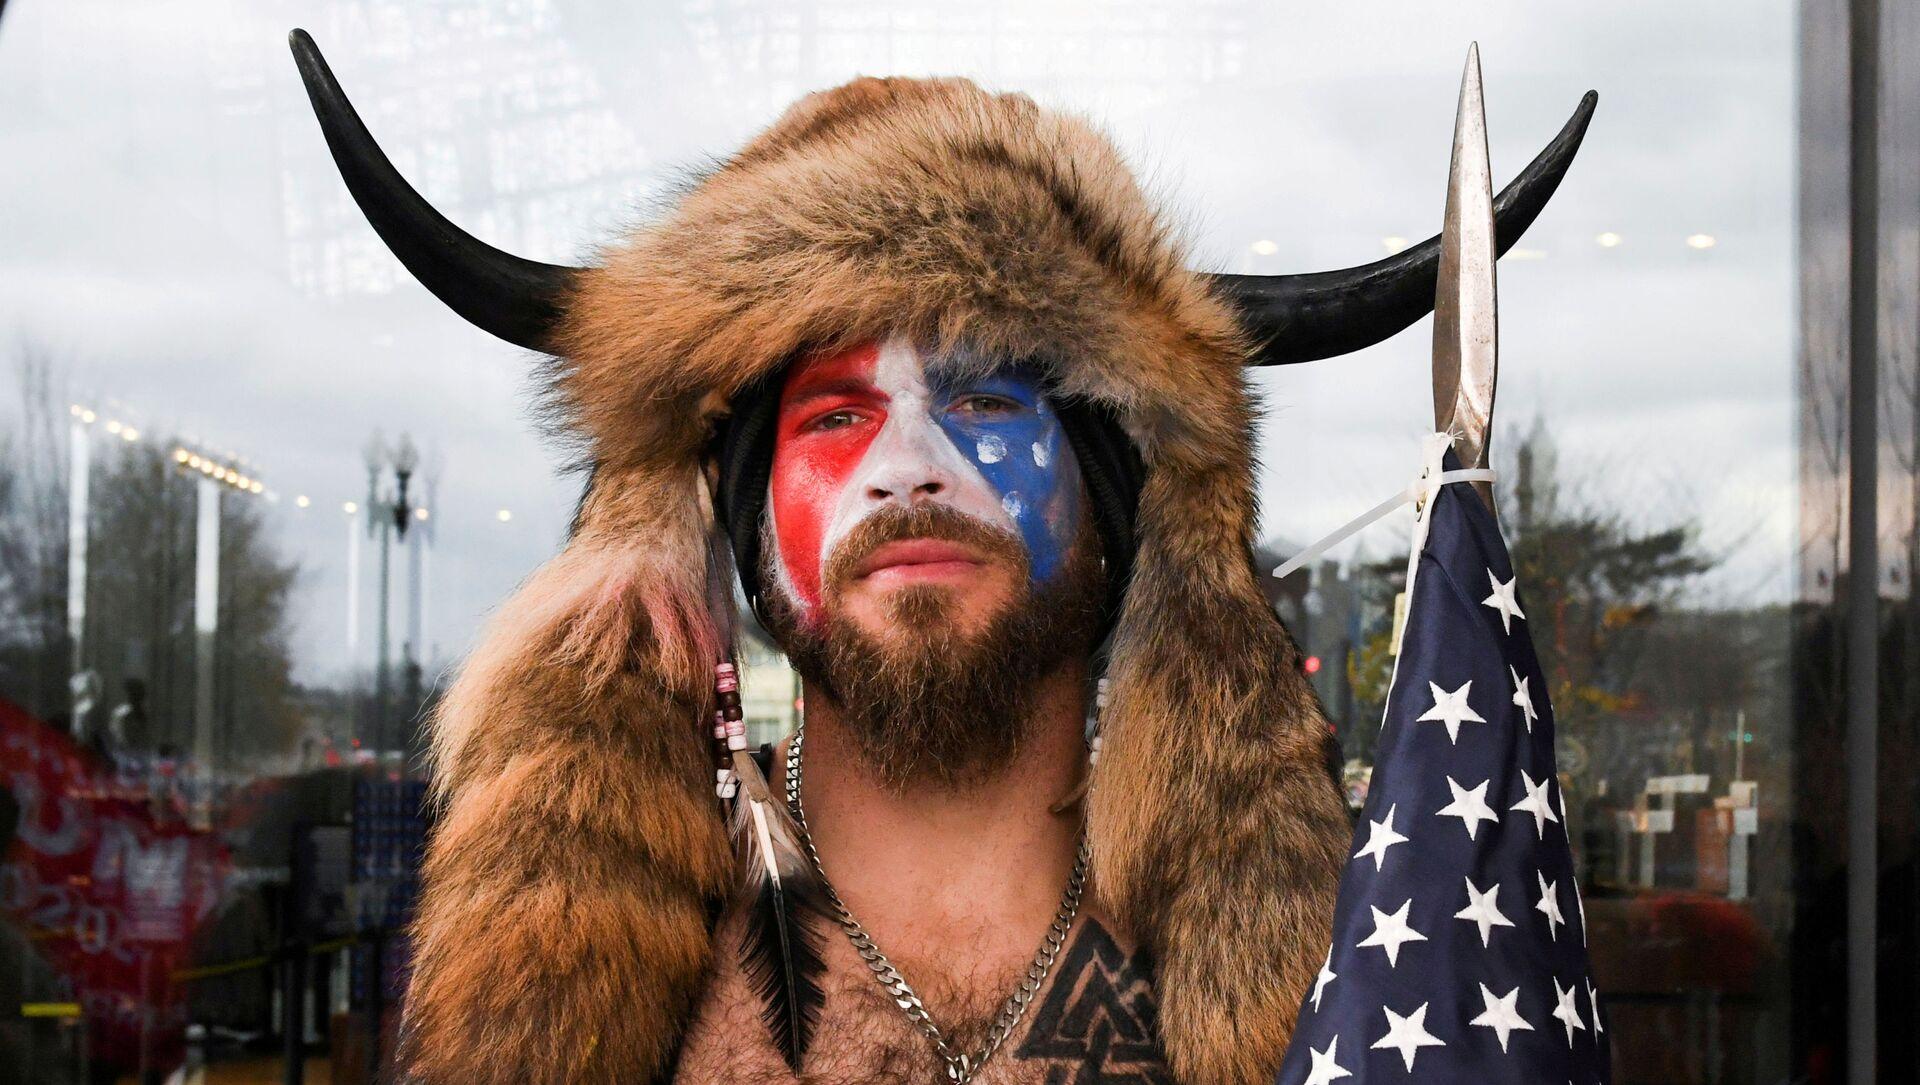 Jacob Anthony Chansley, également connu sous le nom de Jake Angeli, de l'Arizona, pose avec son visage peinturluré aux couleurs du drapeau des États-Unis tandis que les partisans de Donald Trump se réunissent à Washington le 6 janvier 2021 - Sputnik France, 1920, 12.02.2021